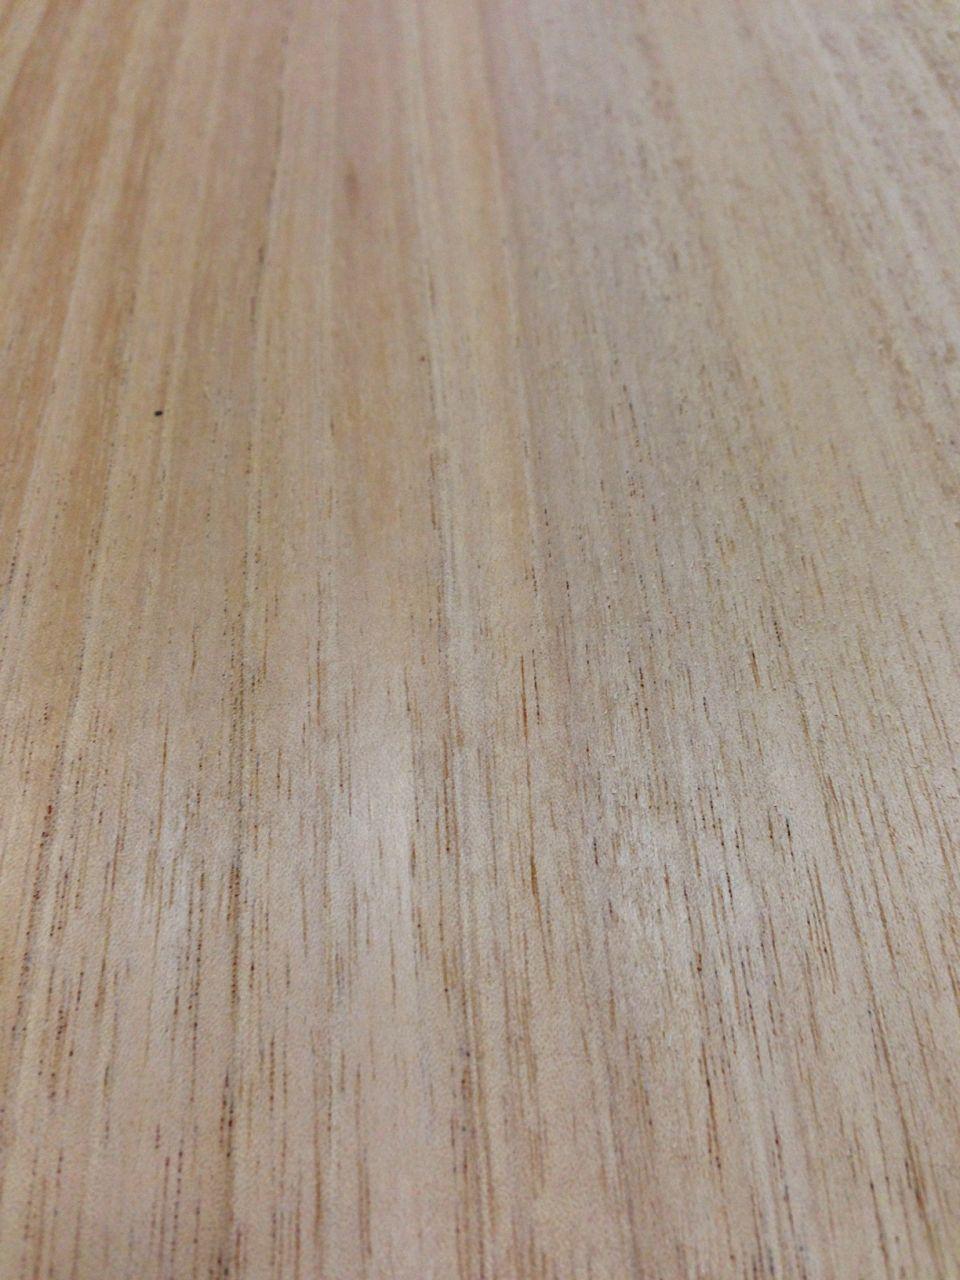 İspanyol Sediri Ağacı 15cmx48cmx8mm